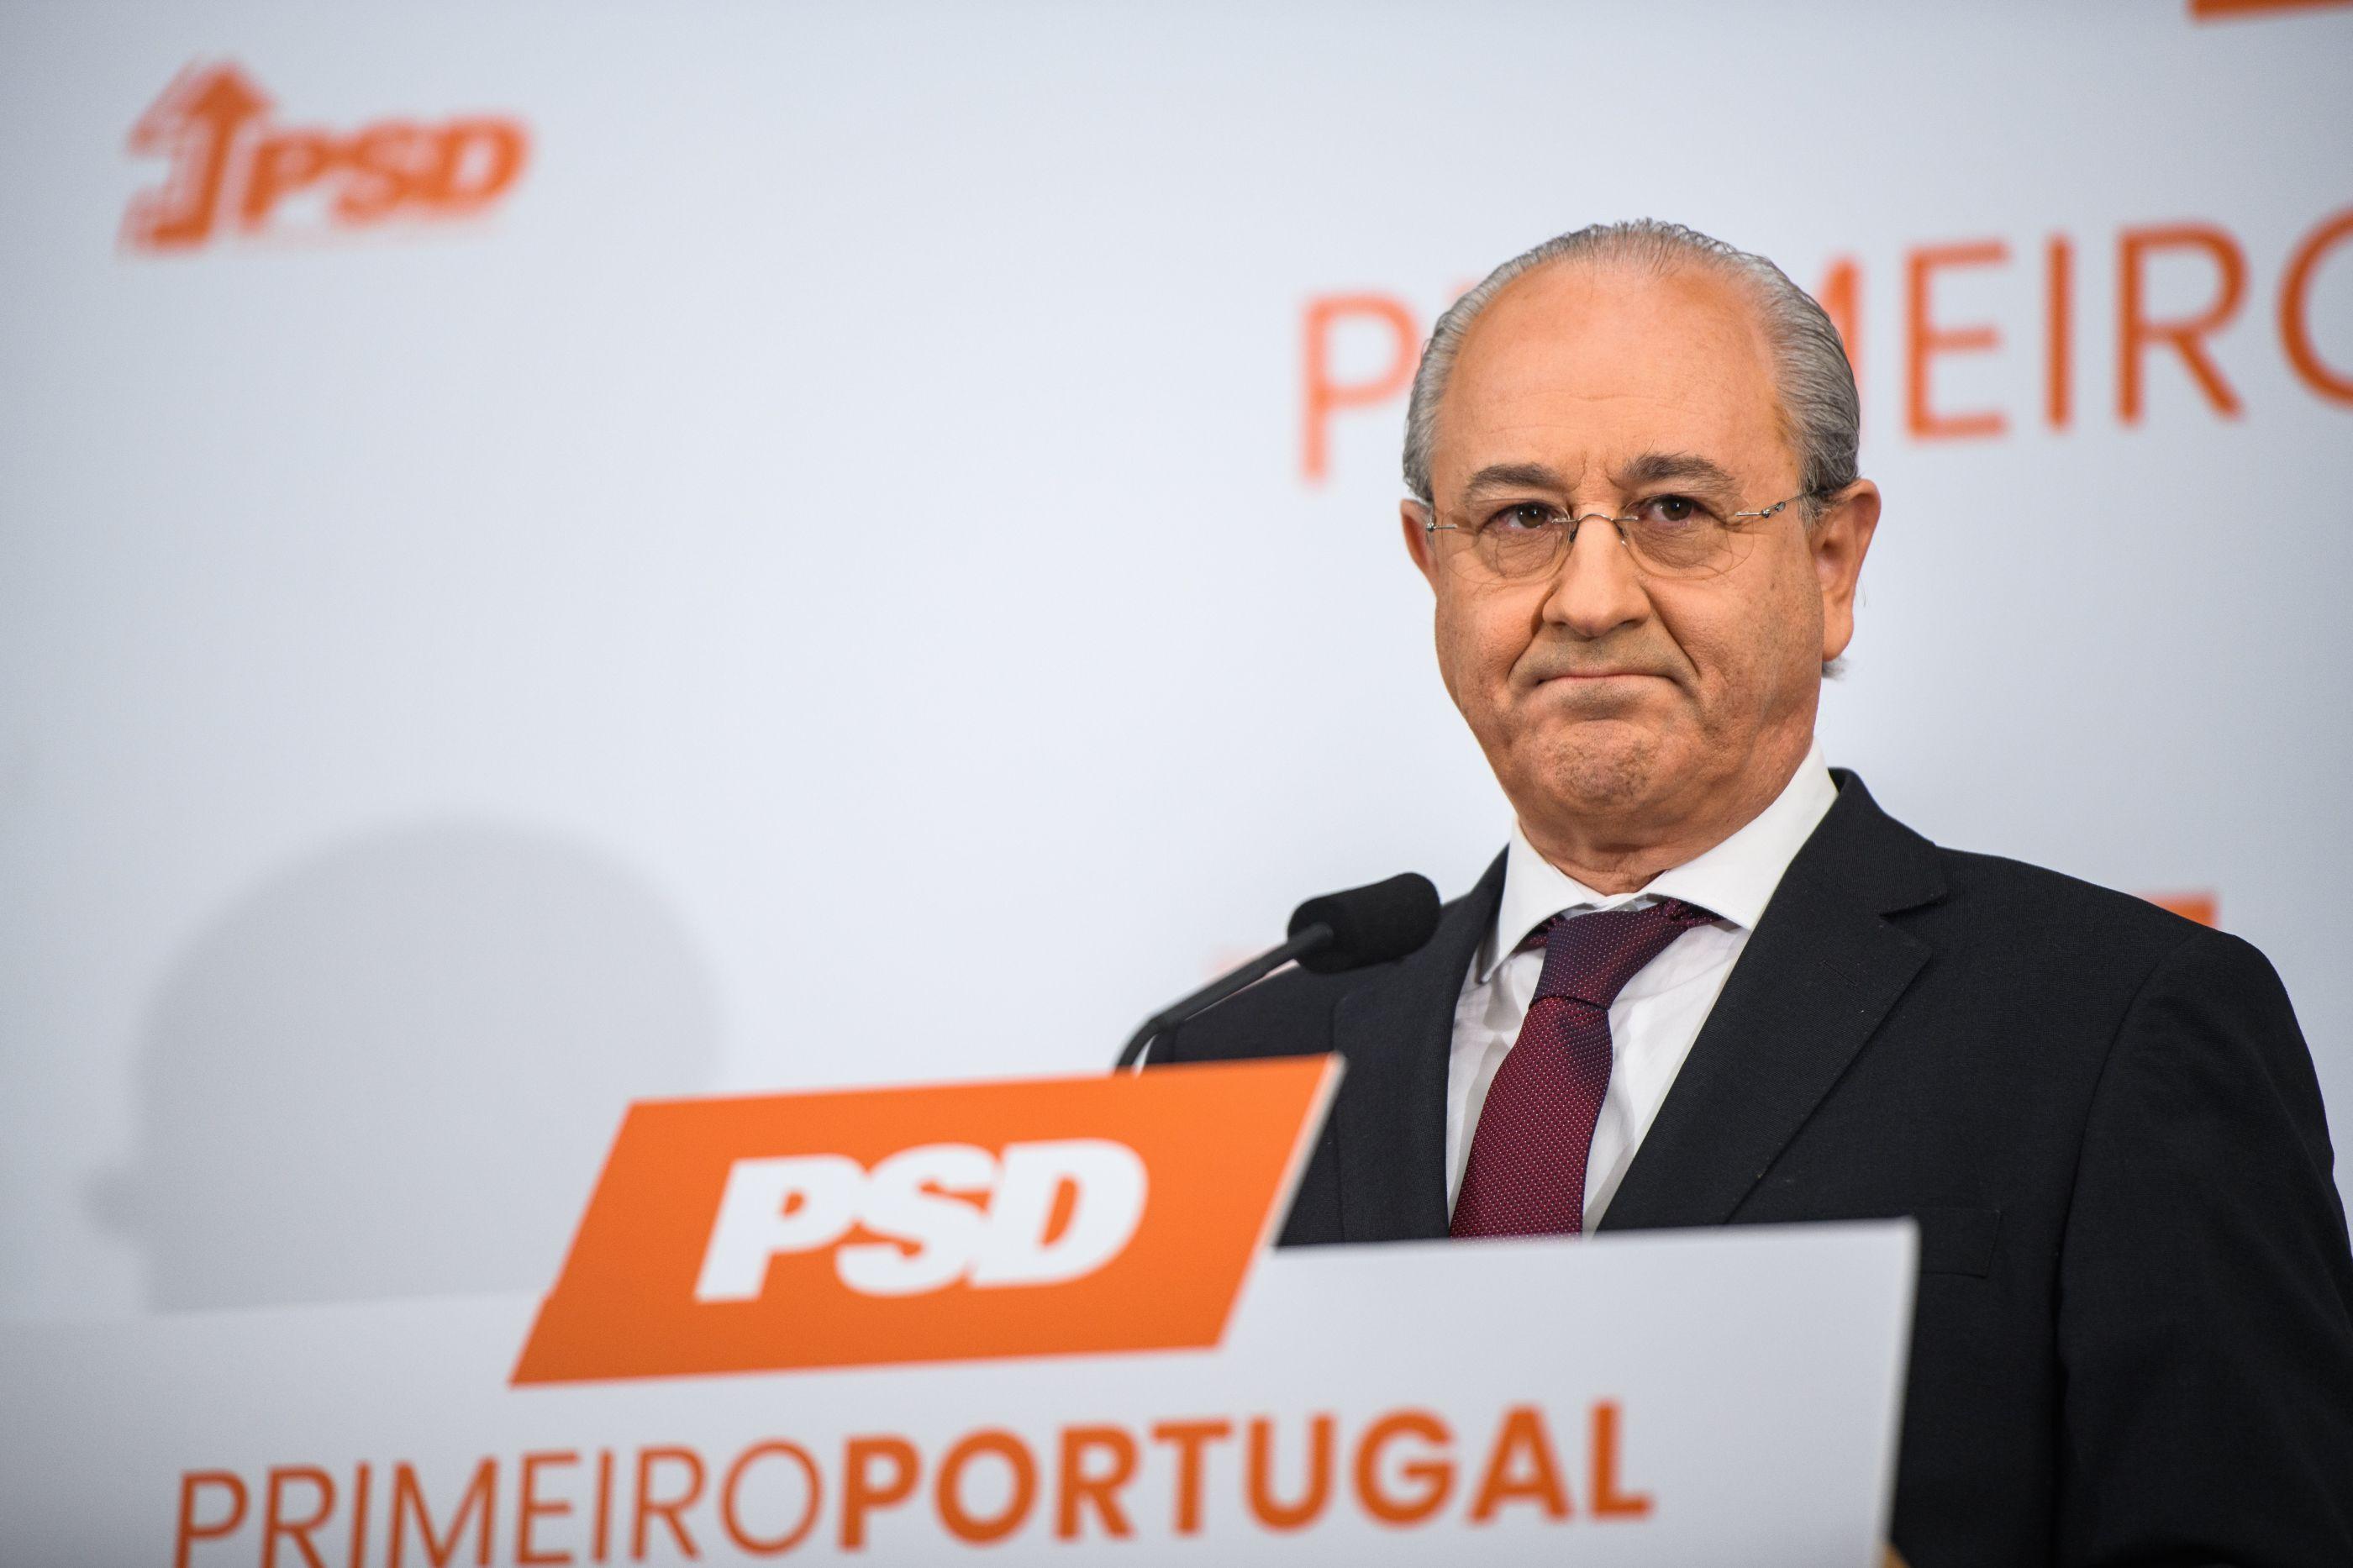 Novo Banco: PSD defende que auditoria deveria incluir atual gestão